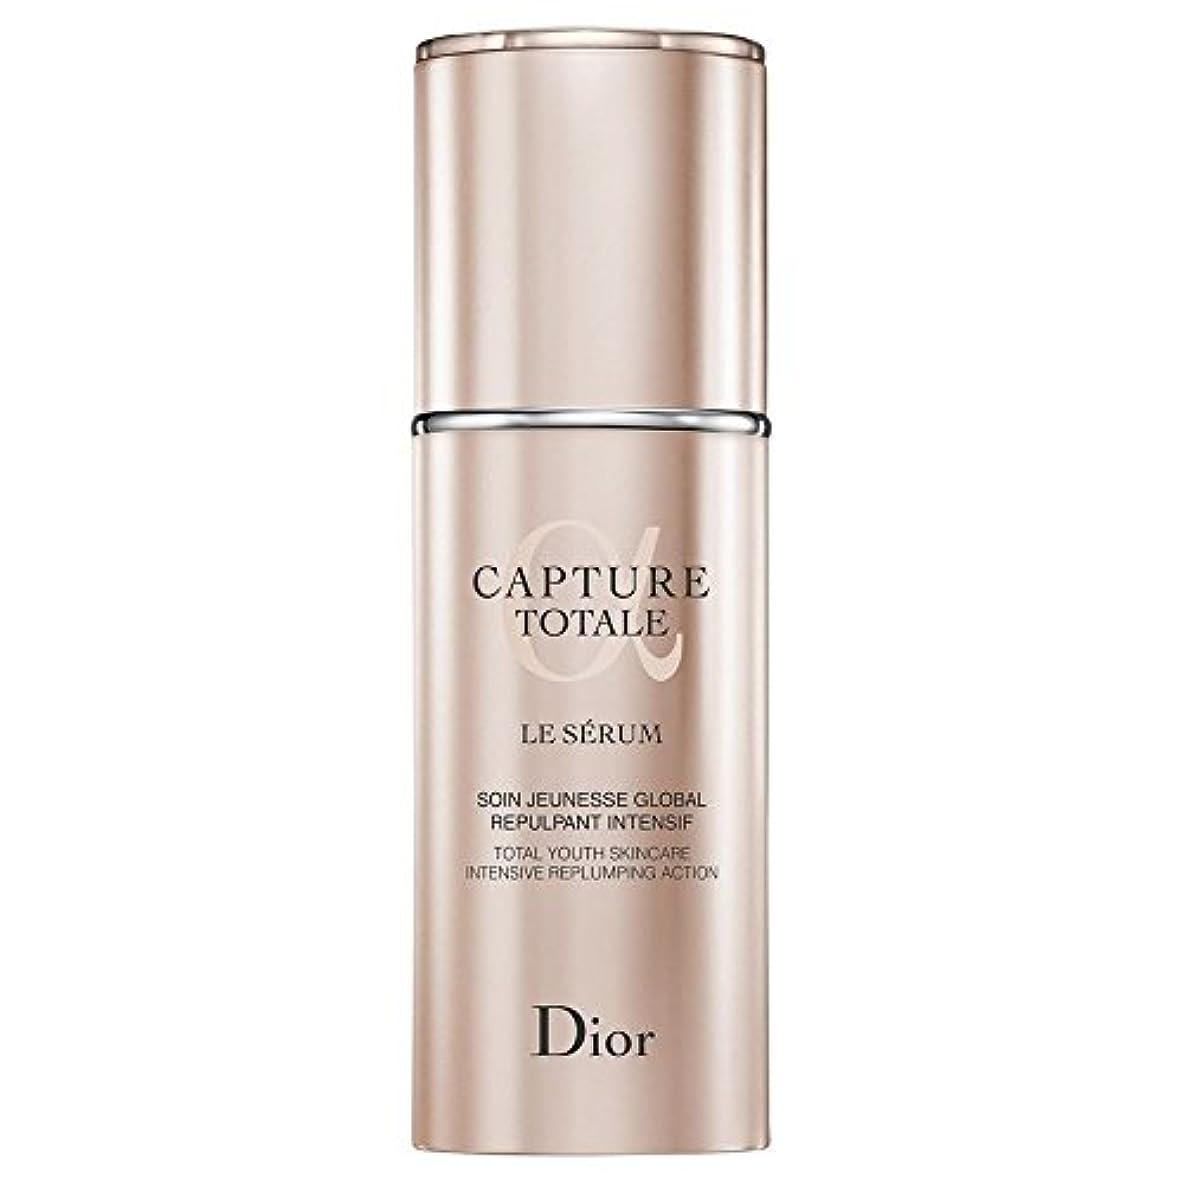 ポジティブ悪魔クリーナー[Dior] ディオールカプチュールR60ル血清30ミリリットル - Dior Capture Totale Le Serum 30ml [並行輸入品]